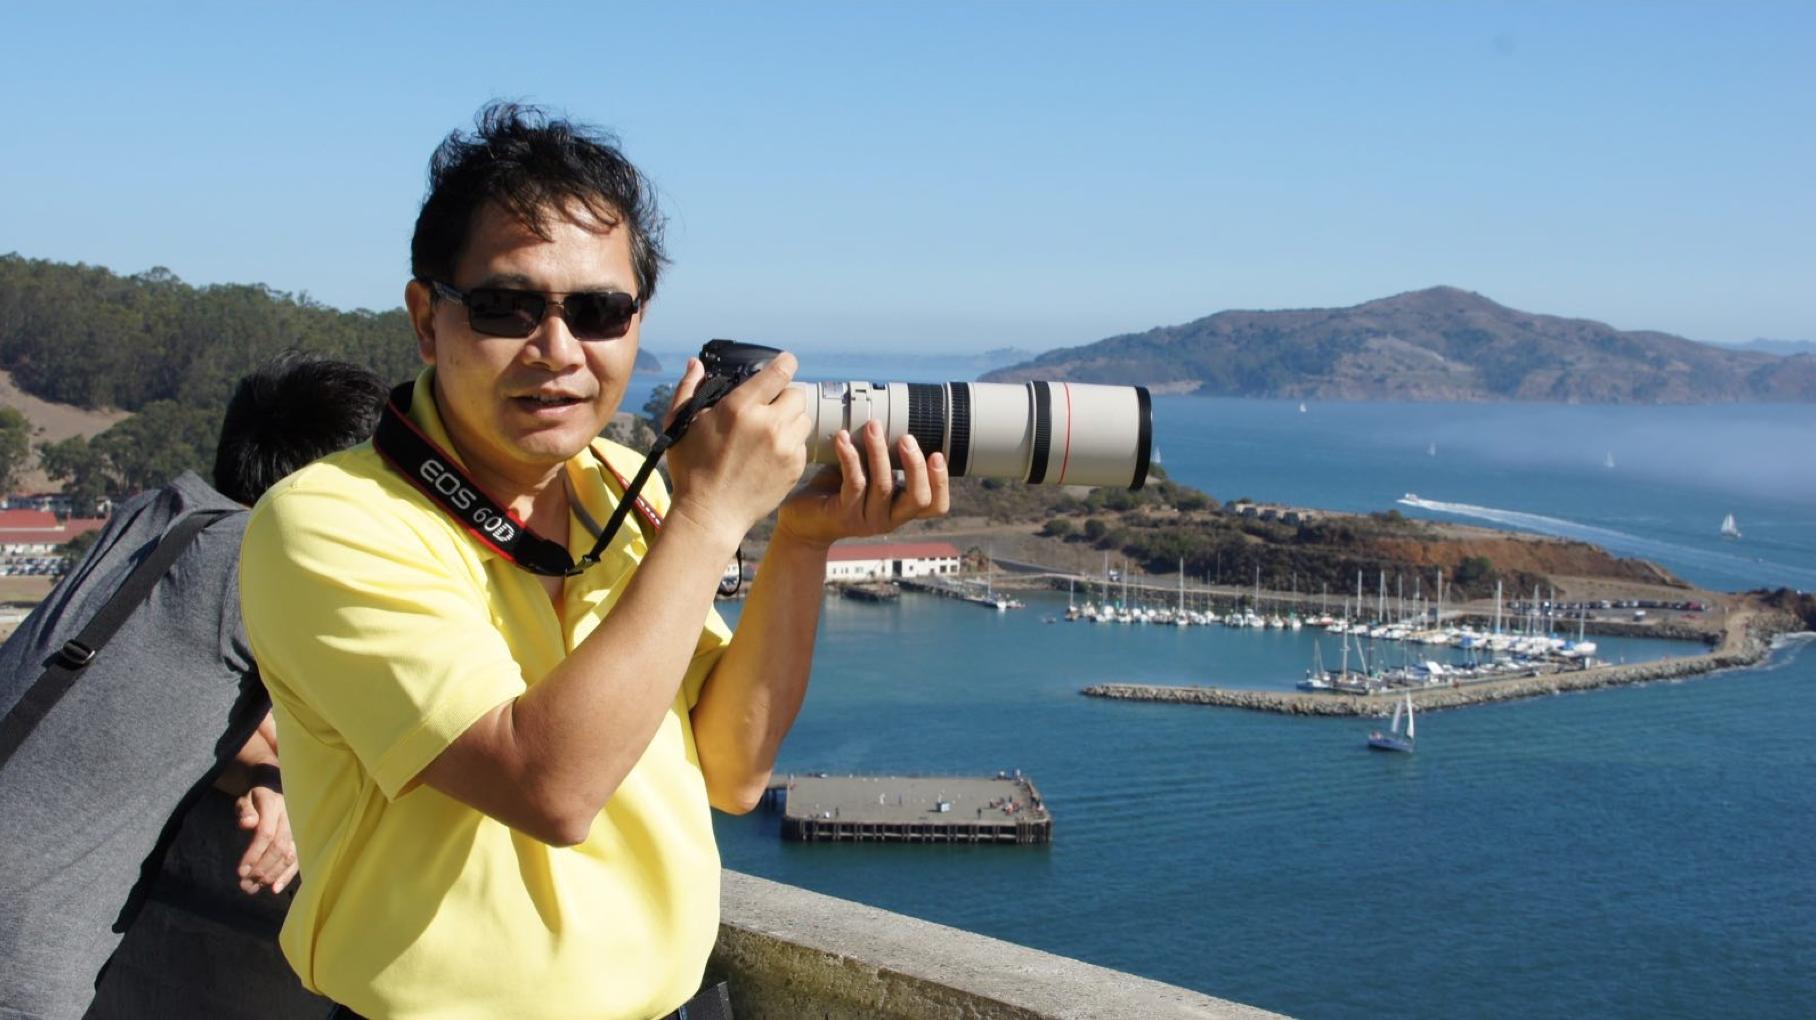 Jason熱愛攝影,在灣區攝影圈小有名氣。(友人提供)